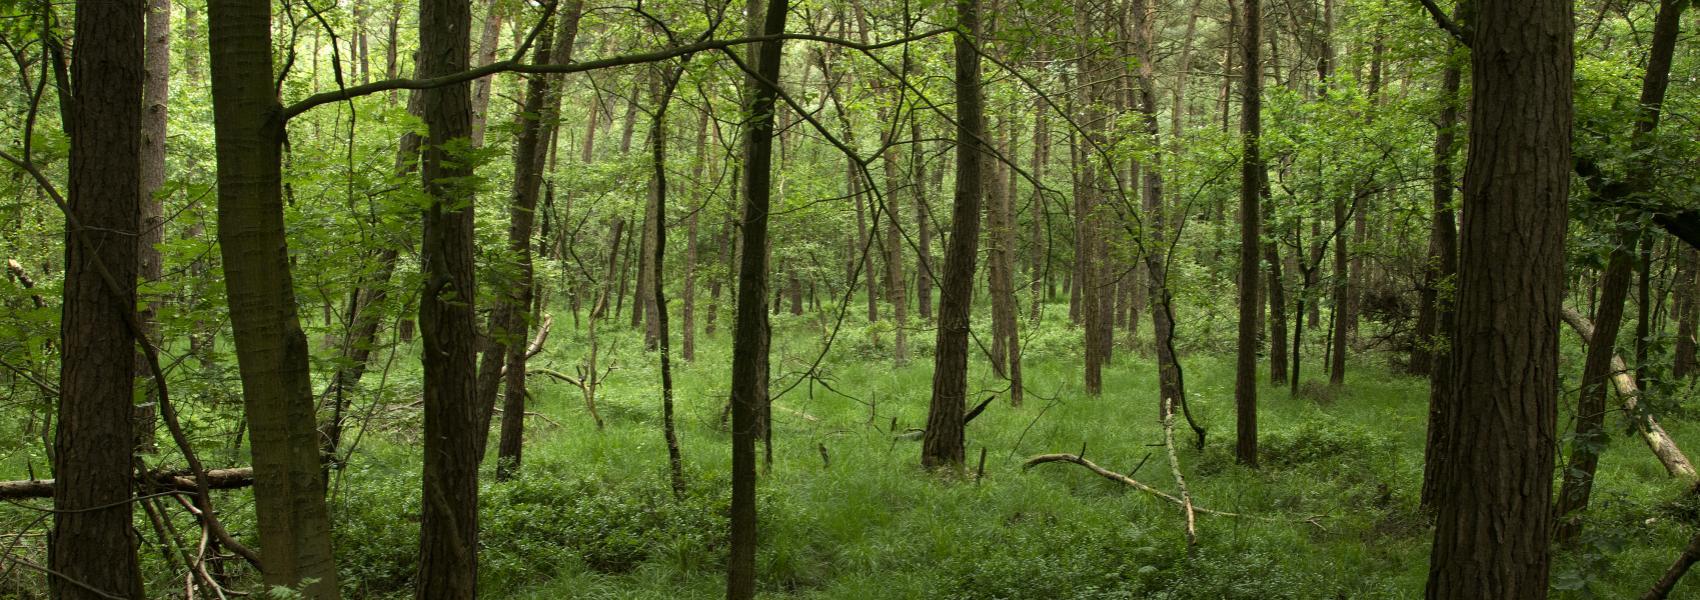 varenweide in het bos